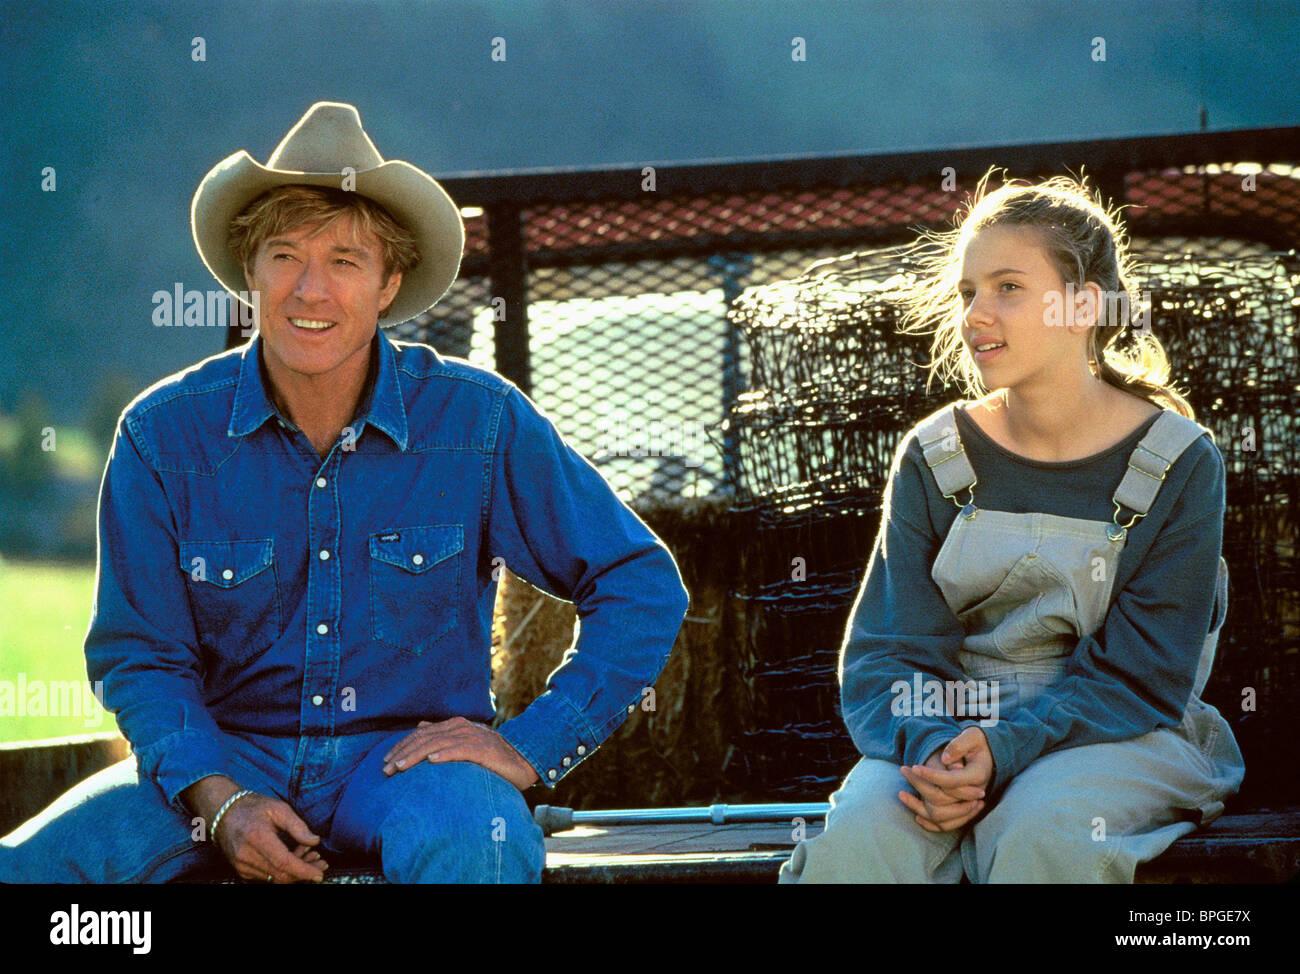 Robert Redford Scarlett Johansson The Horse Whisperer 1998 Stock Photo Alamy